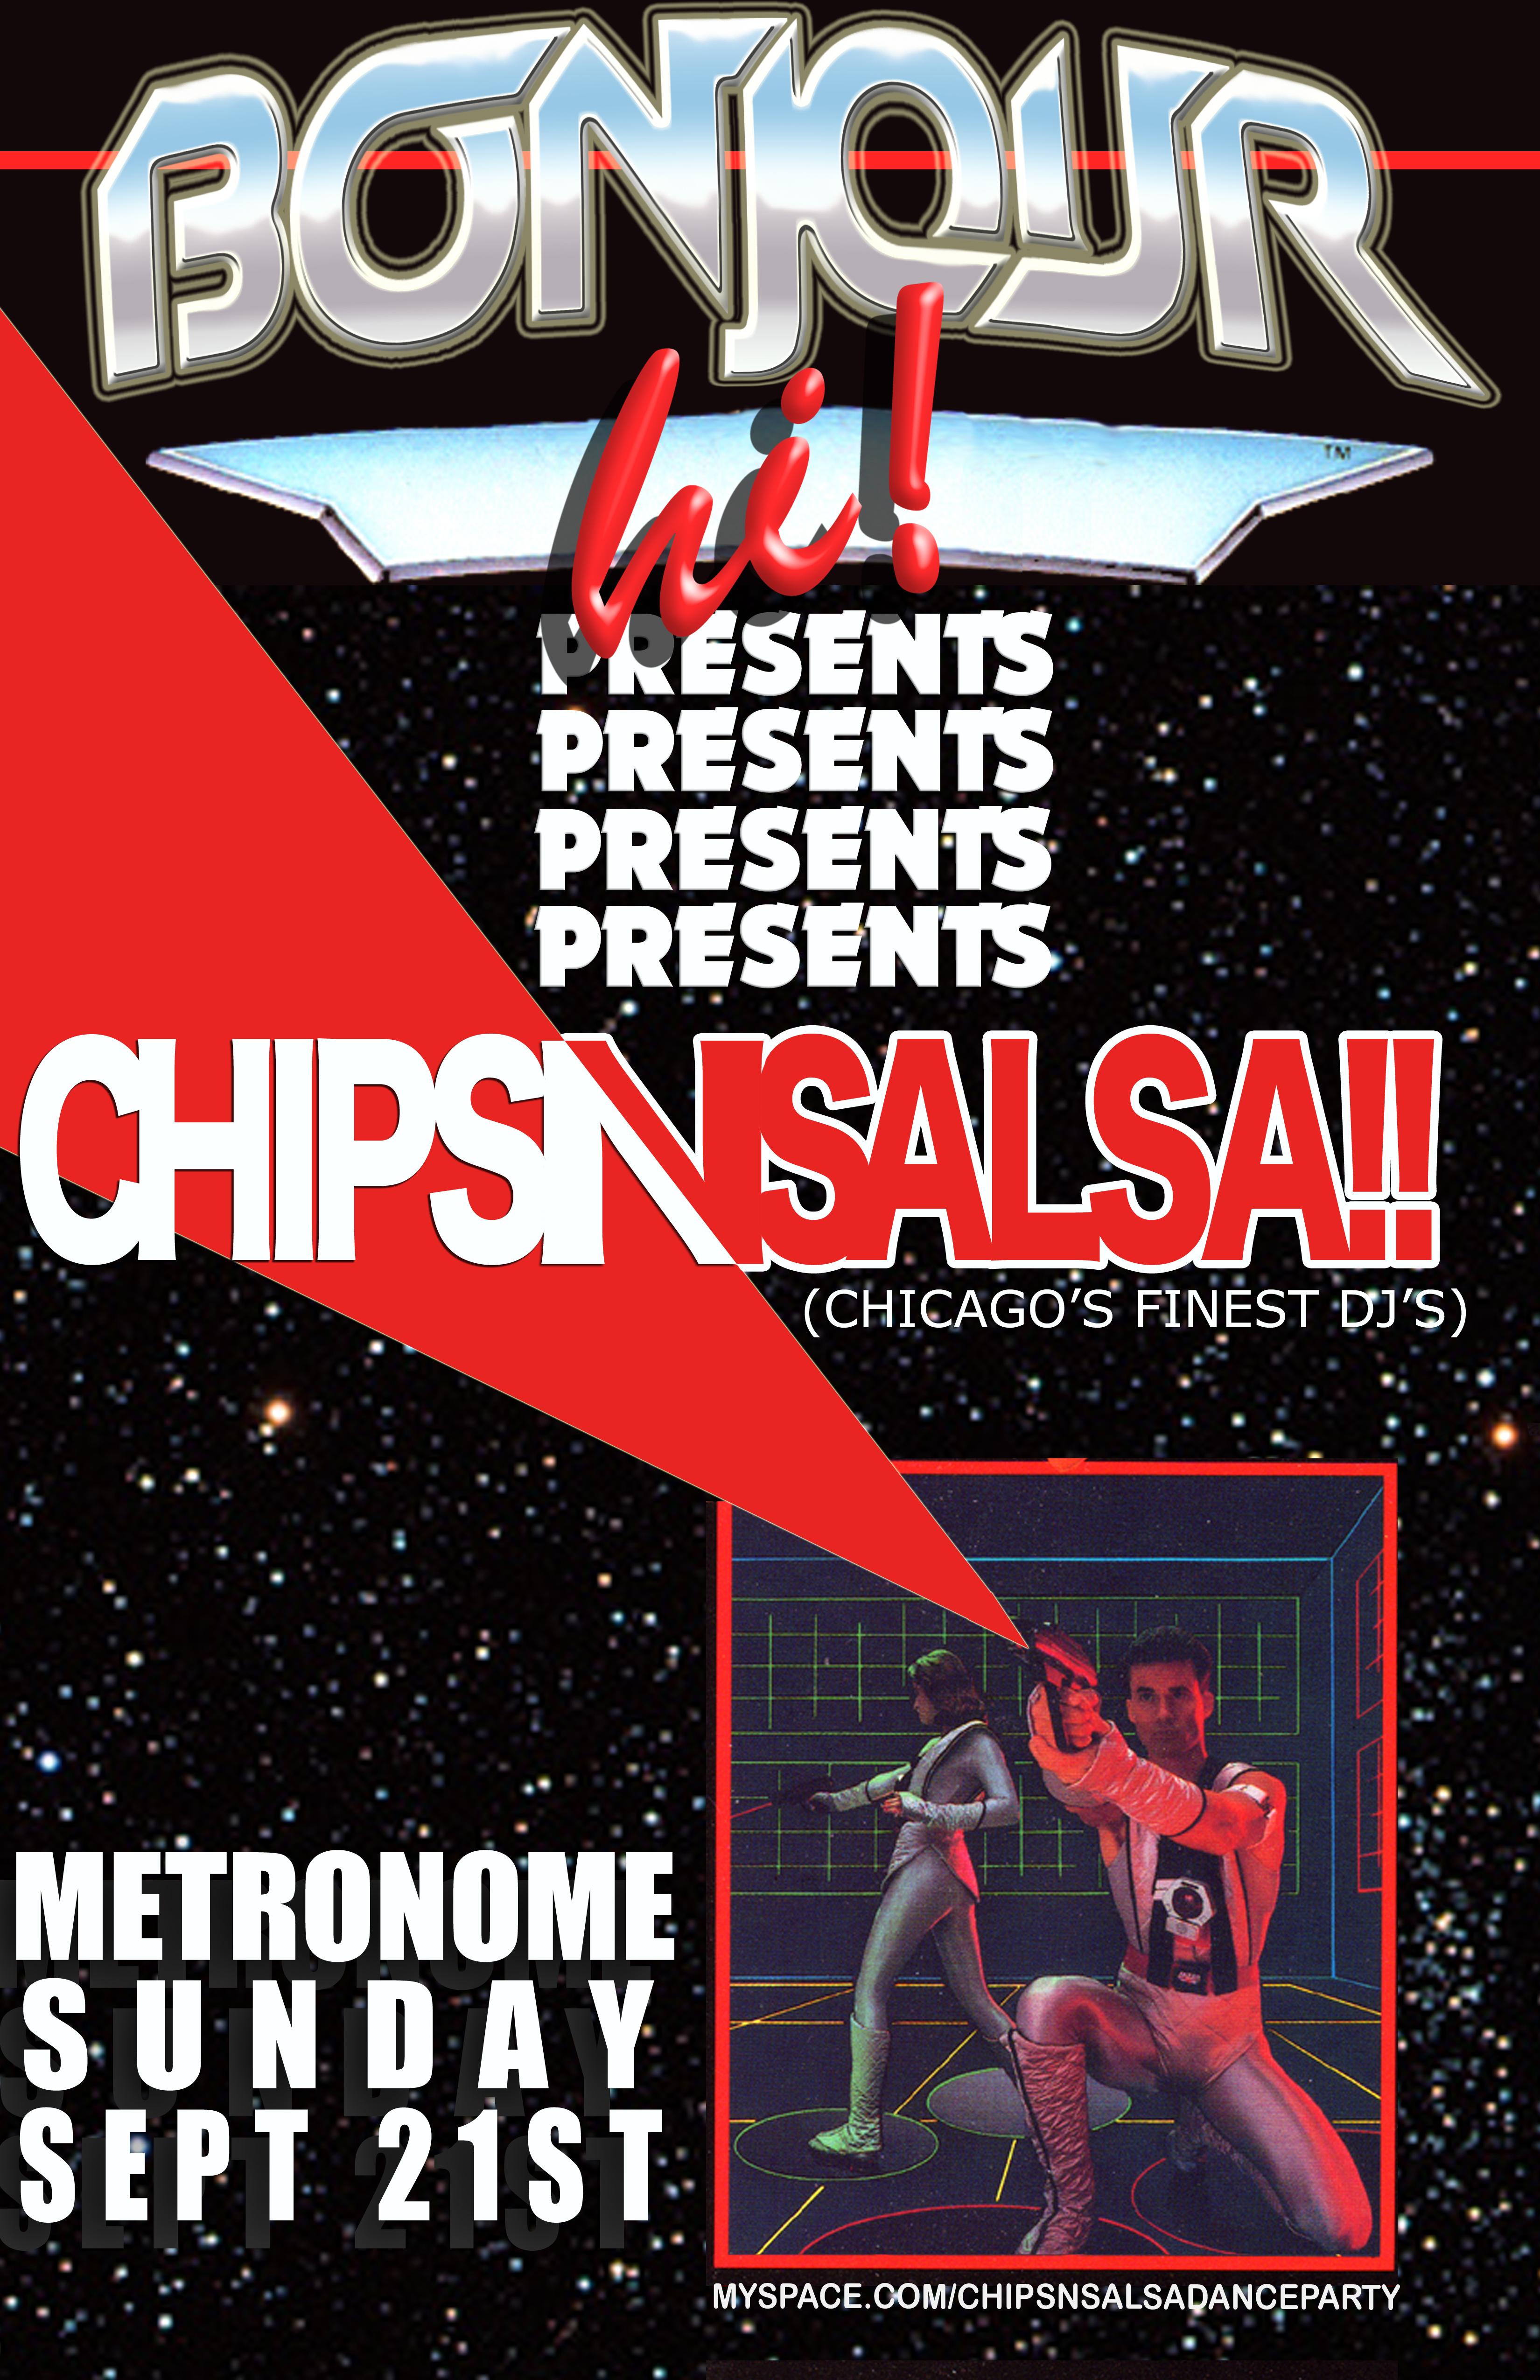 Bonjour-Hi! featuring Chips-N-Salsa